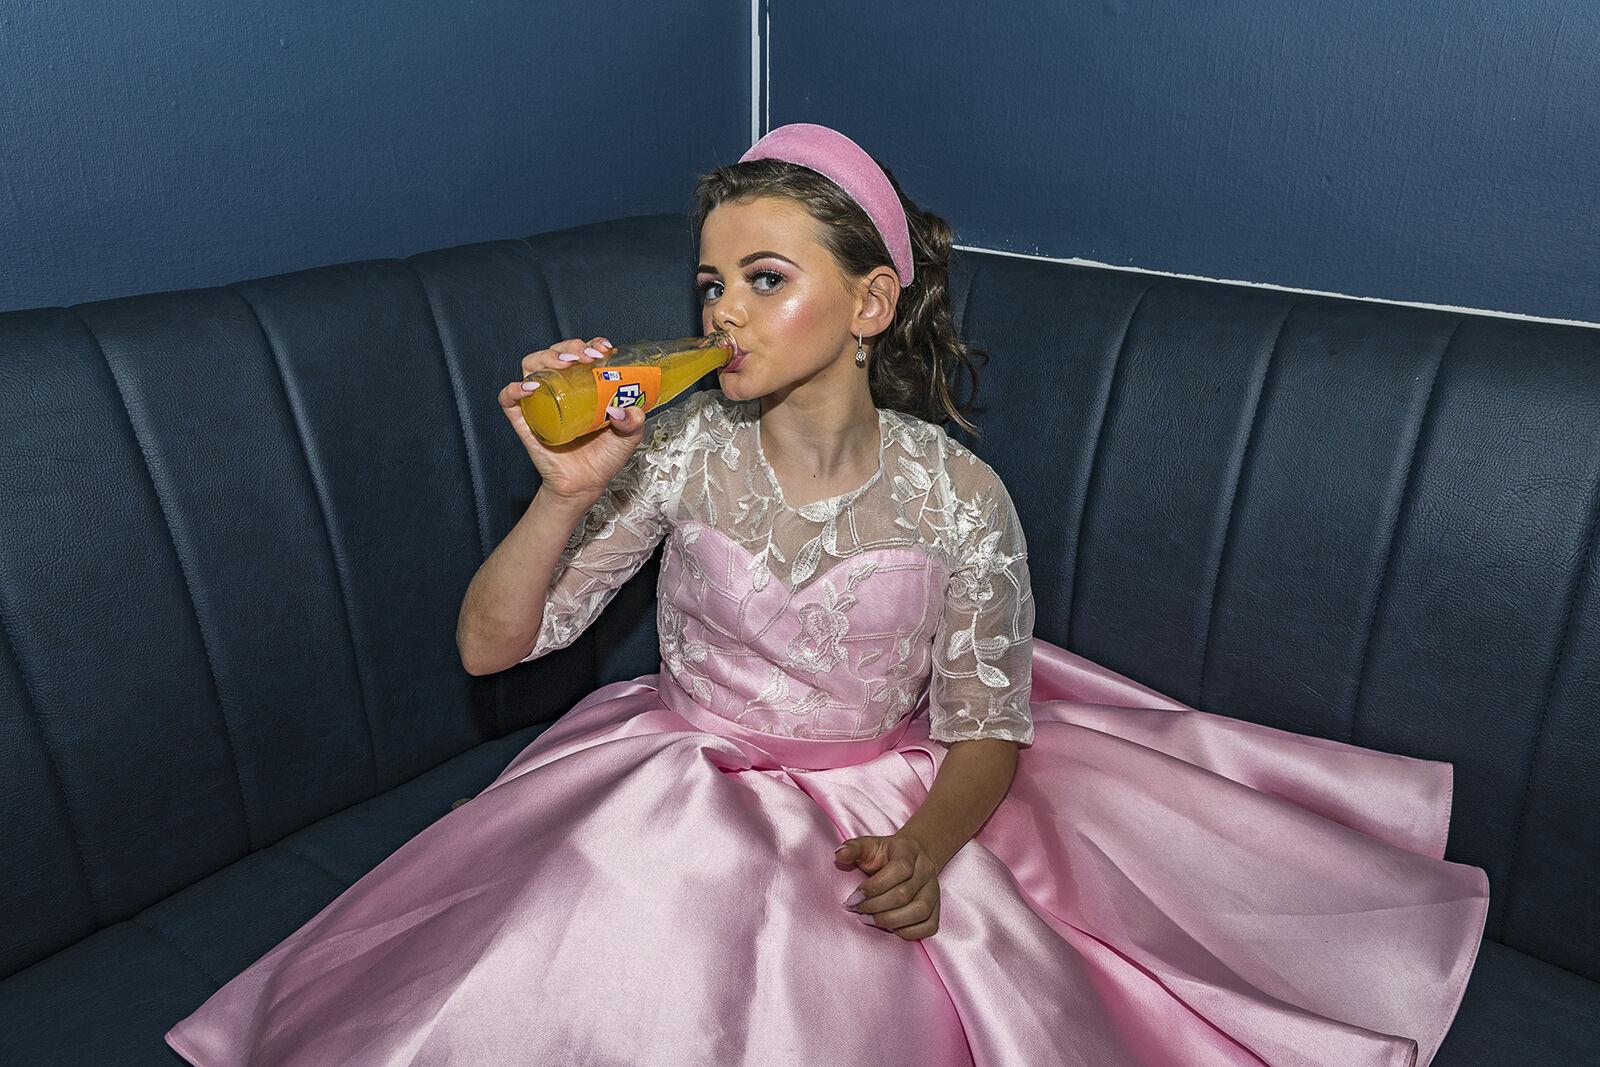 Alesha Drinking Fanta, Dublin, Ireland 2020